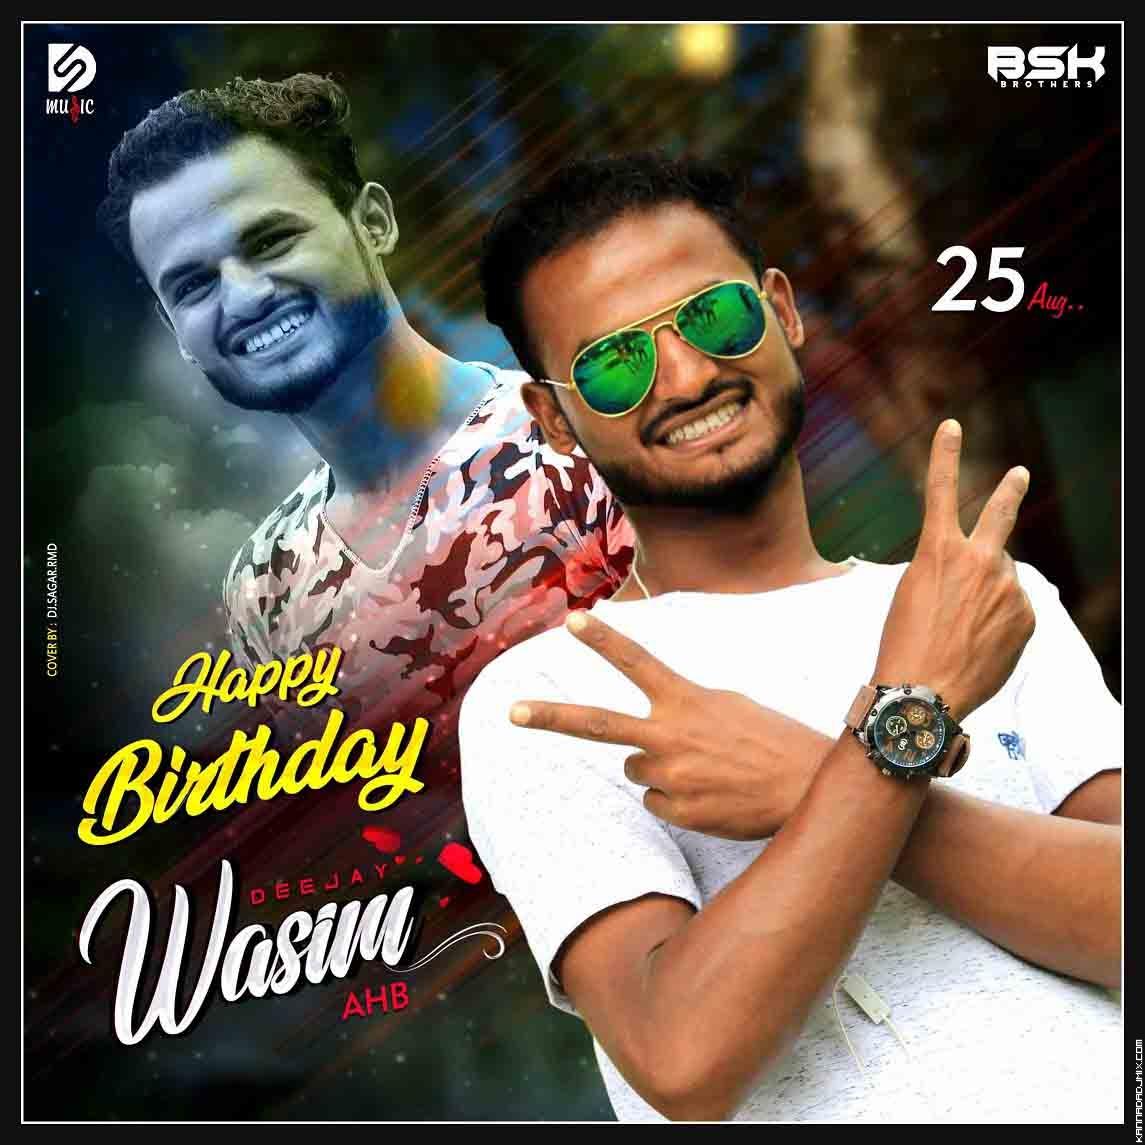 DJ WASIM AHB BIRTHDAY SPECIAL